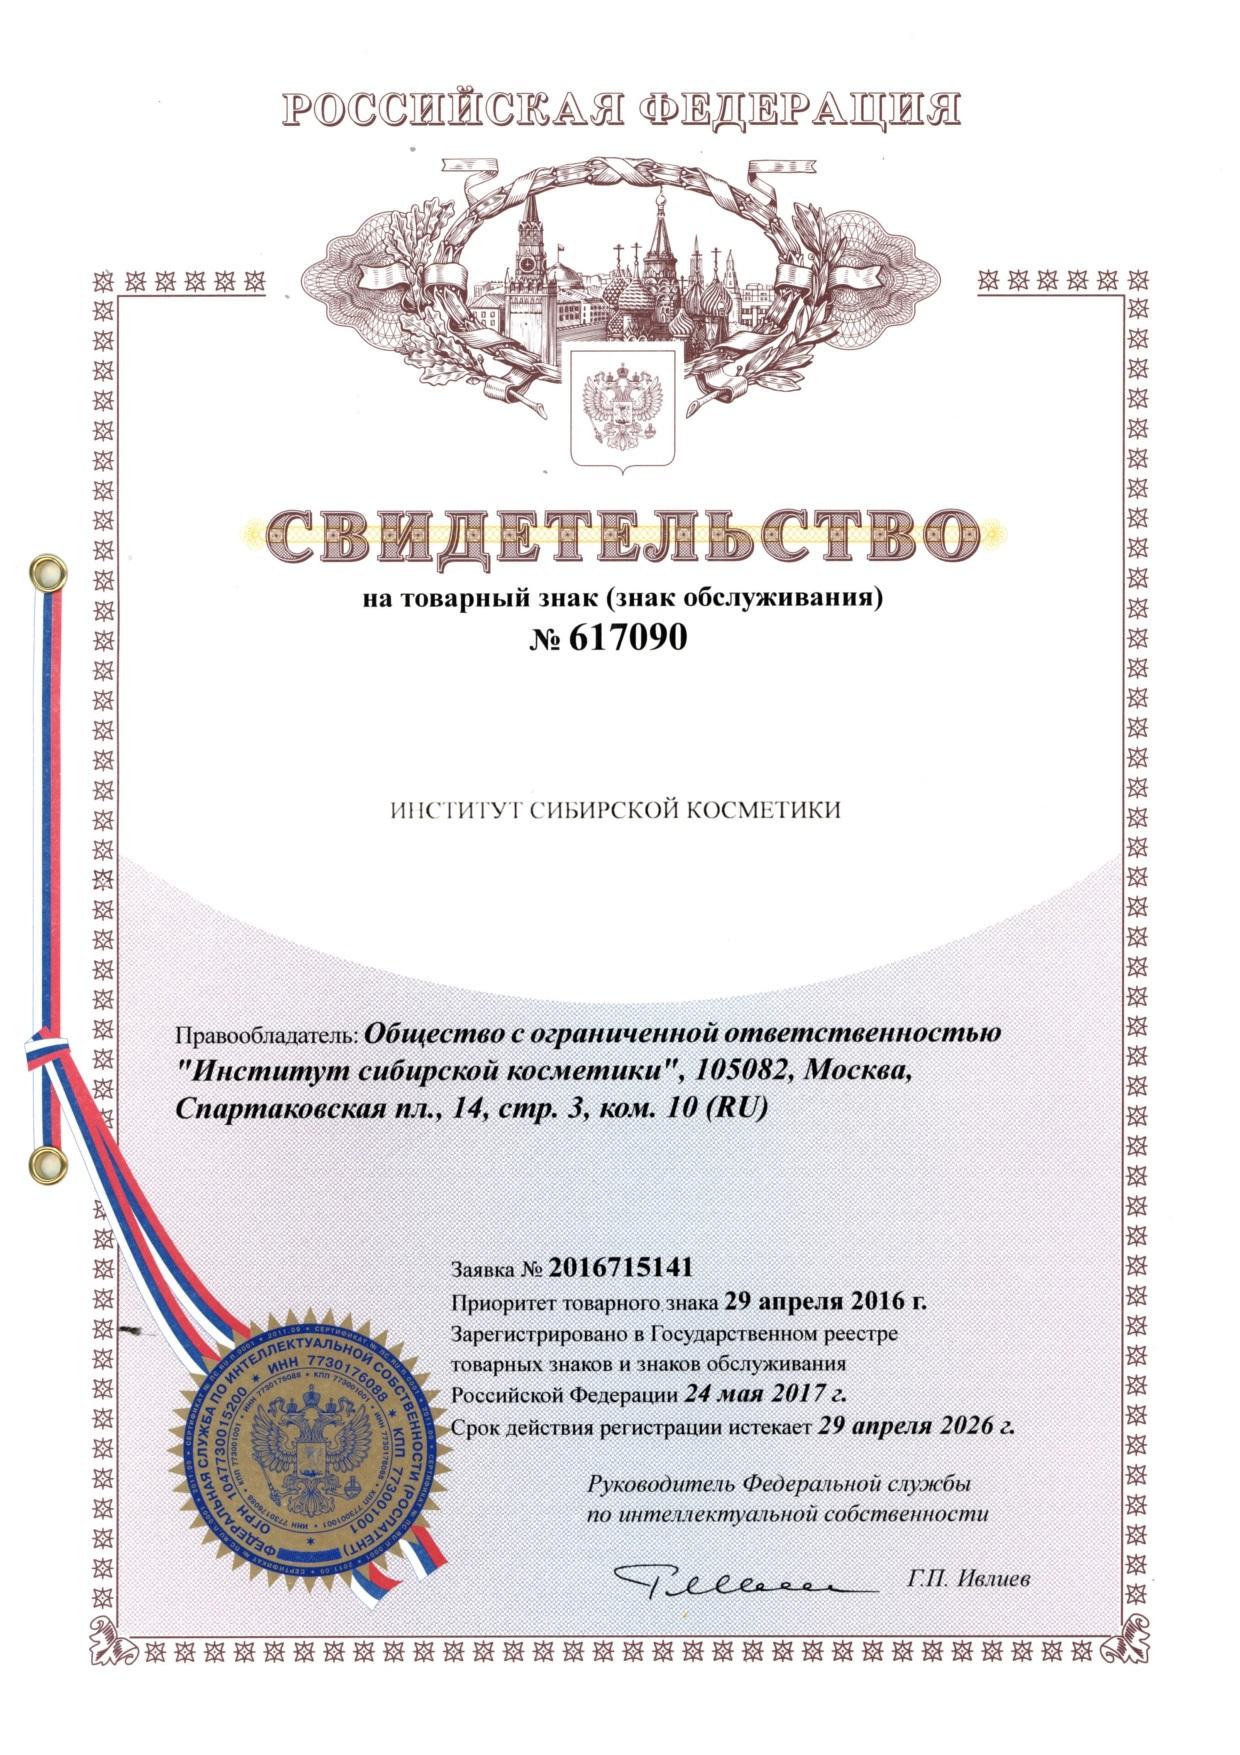 Комплекс работ по разработке бренда и регистрации в Роспатенте!